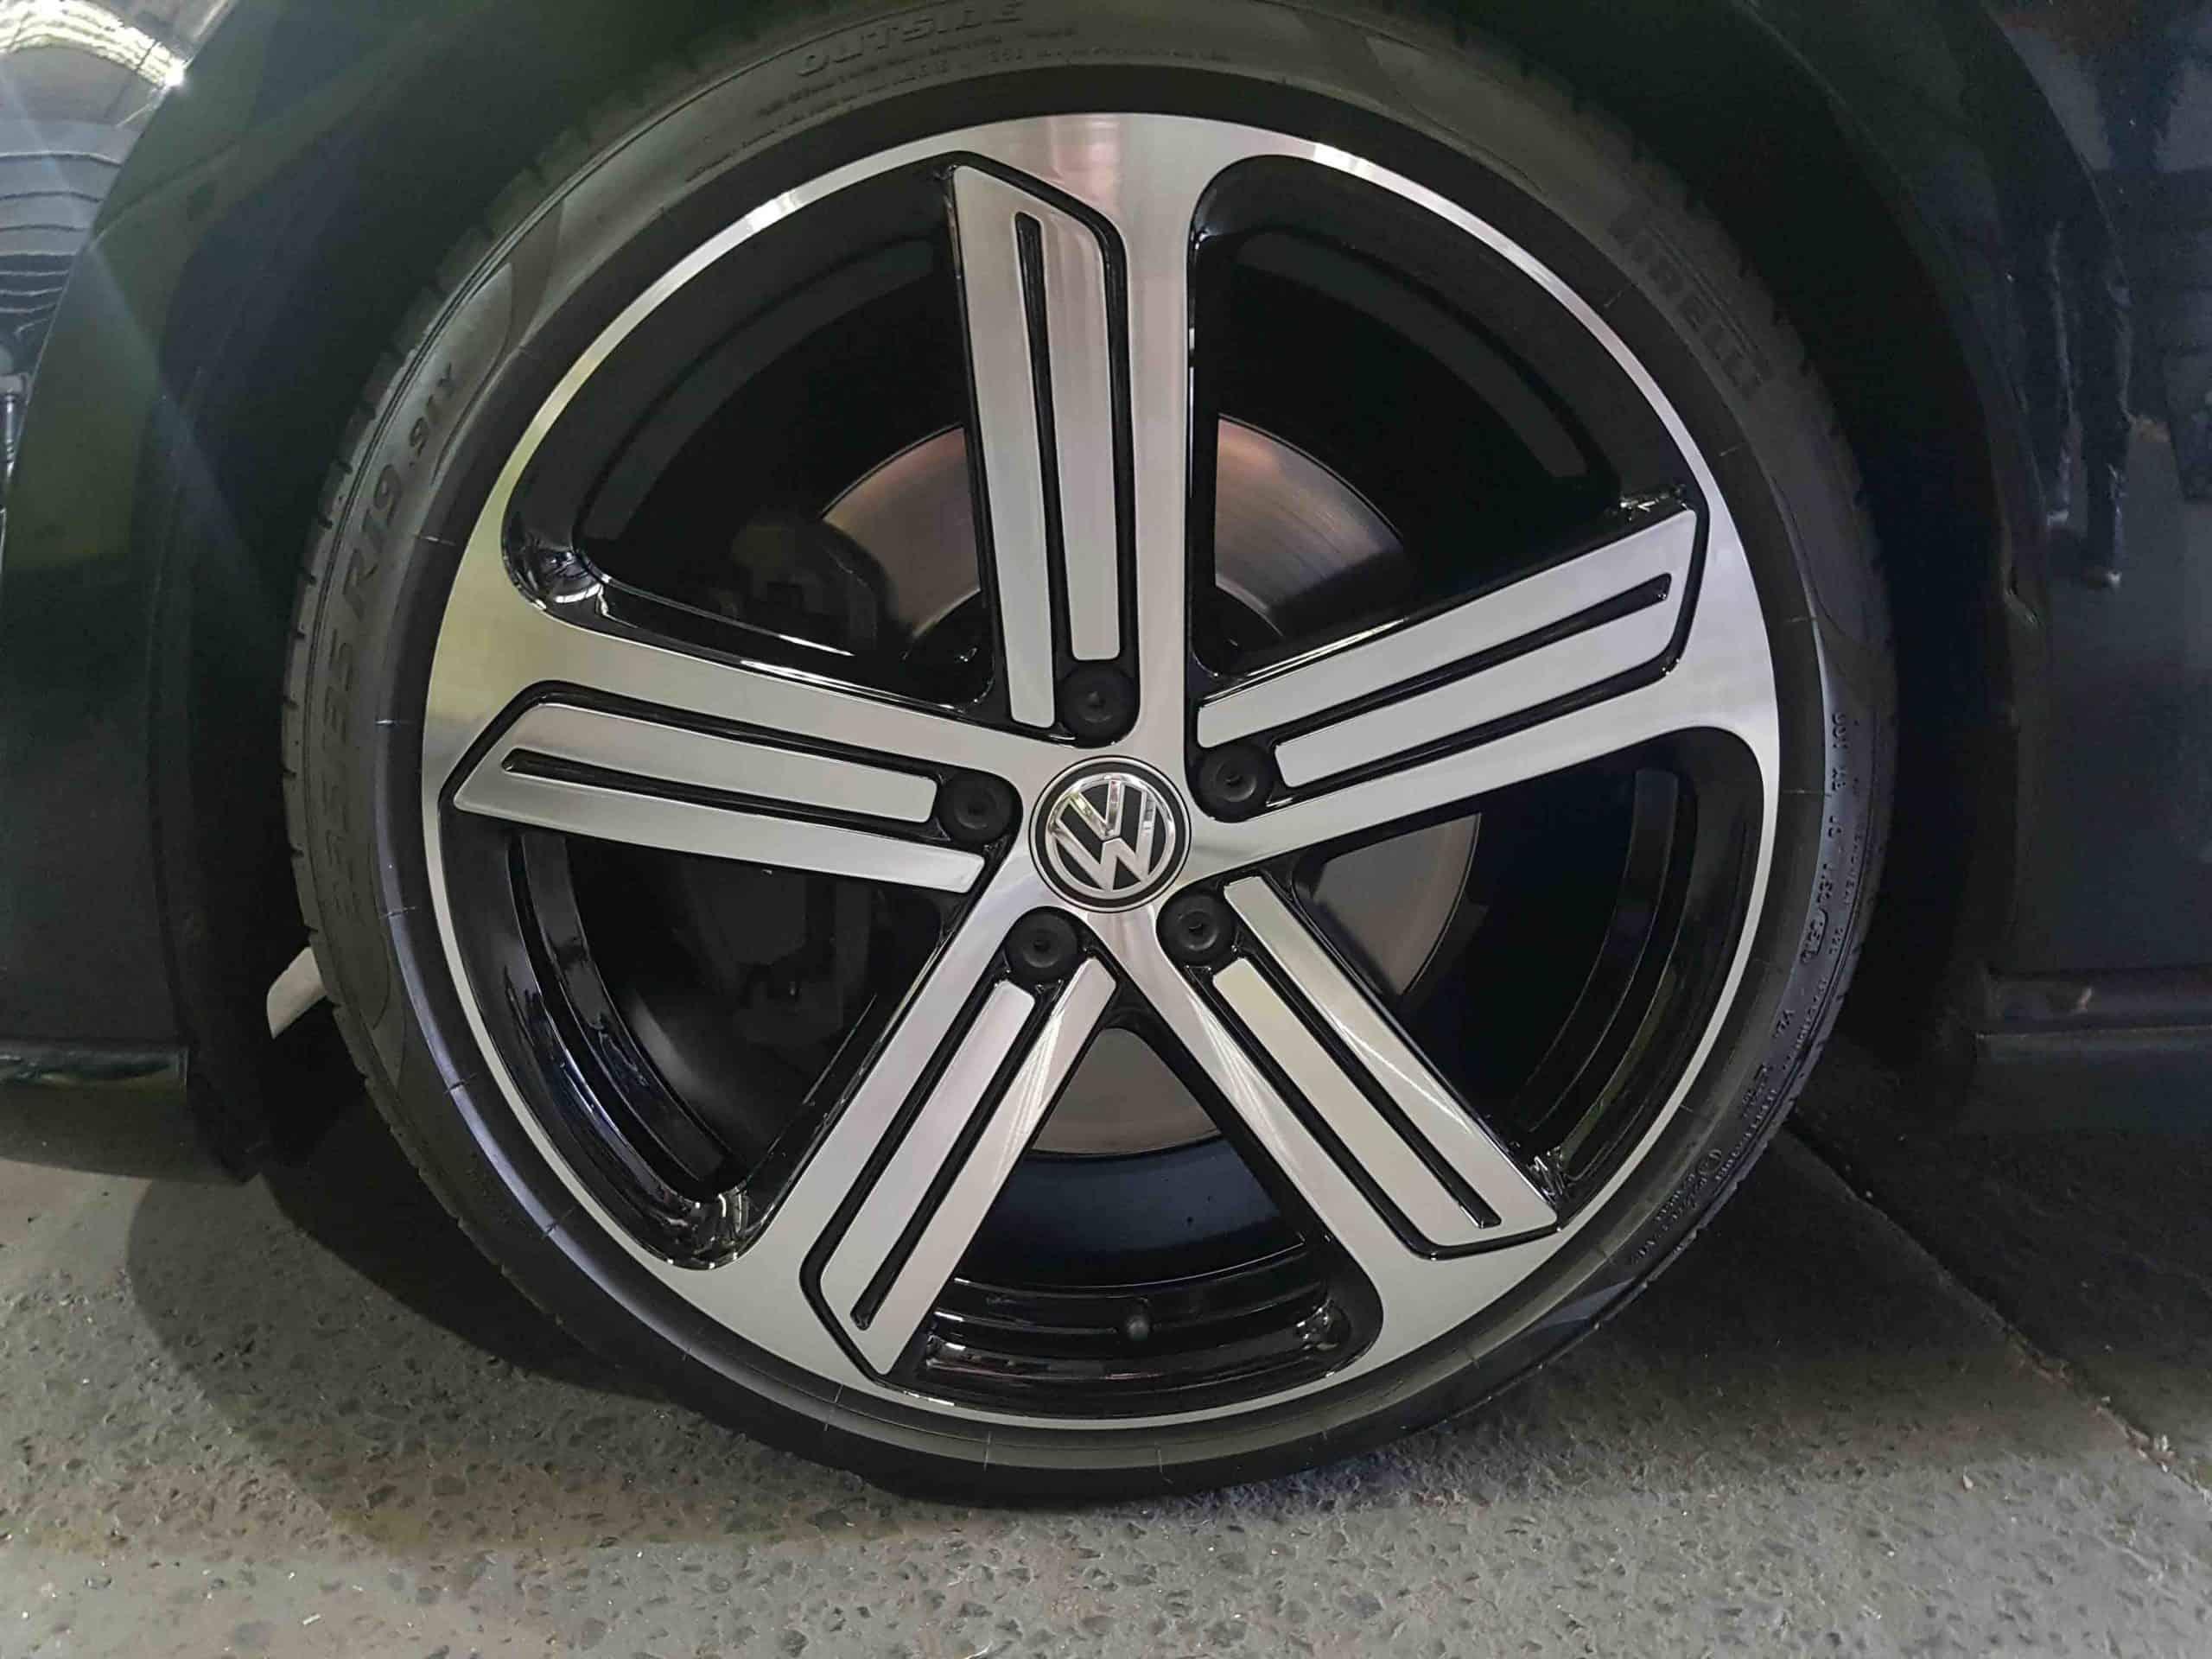 VW Golf GTI wheel repair after